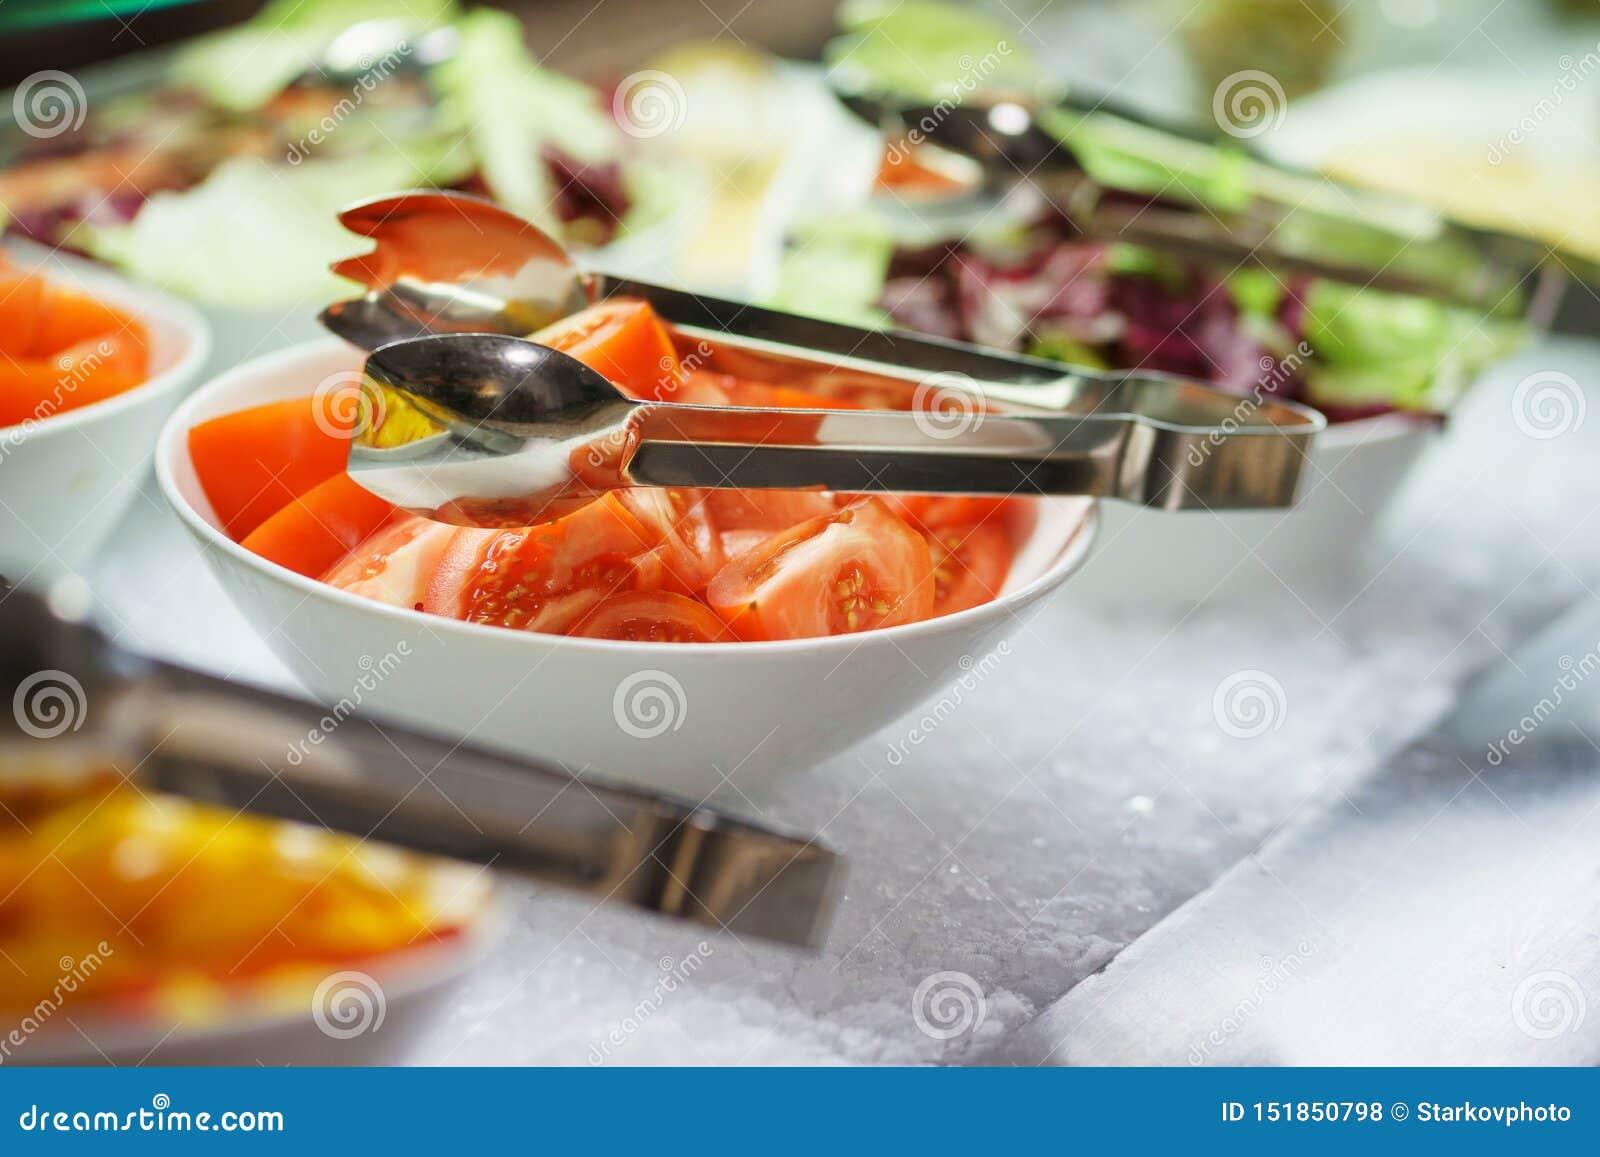 Légumes frais, herbes, olives, sauce et sauce salade au compteur